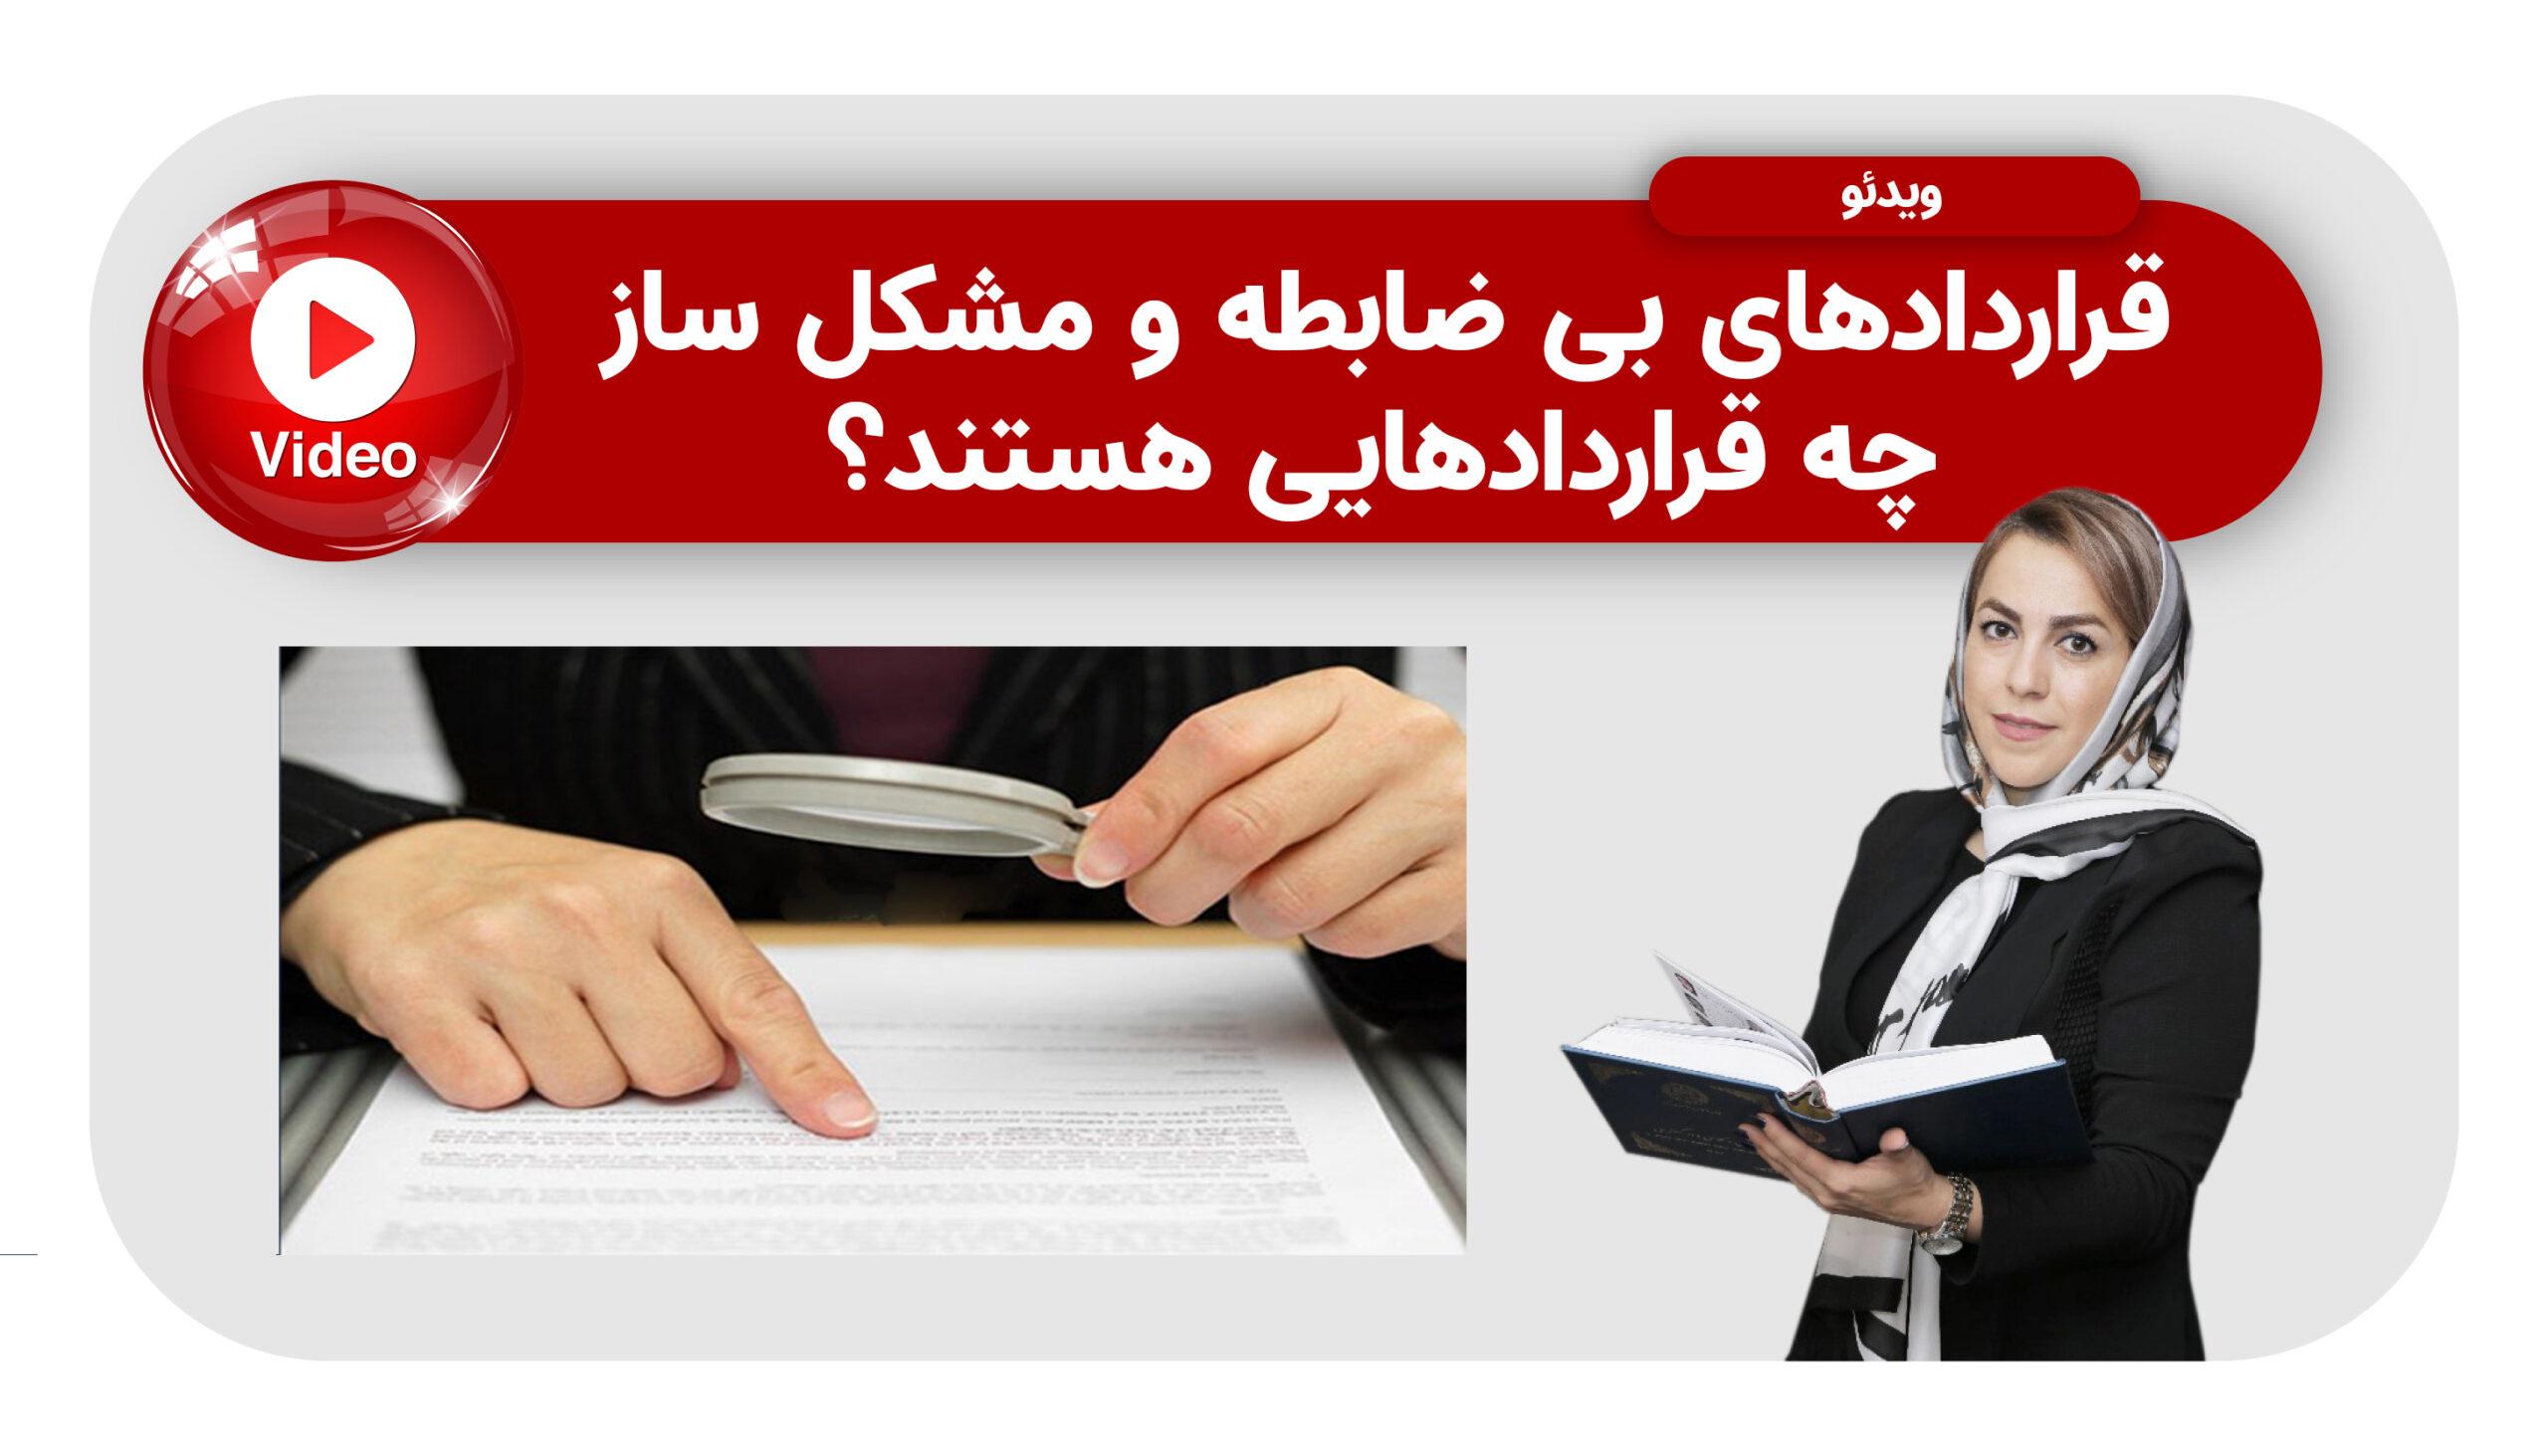 قراردادهای بی ضابطه و مشکل ساز چه قراردادهایی هستند؟